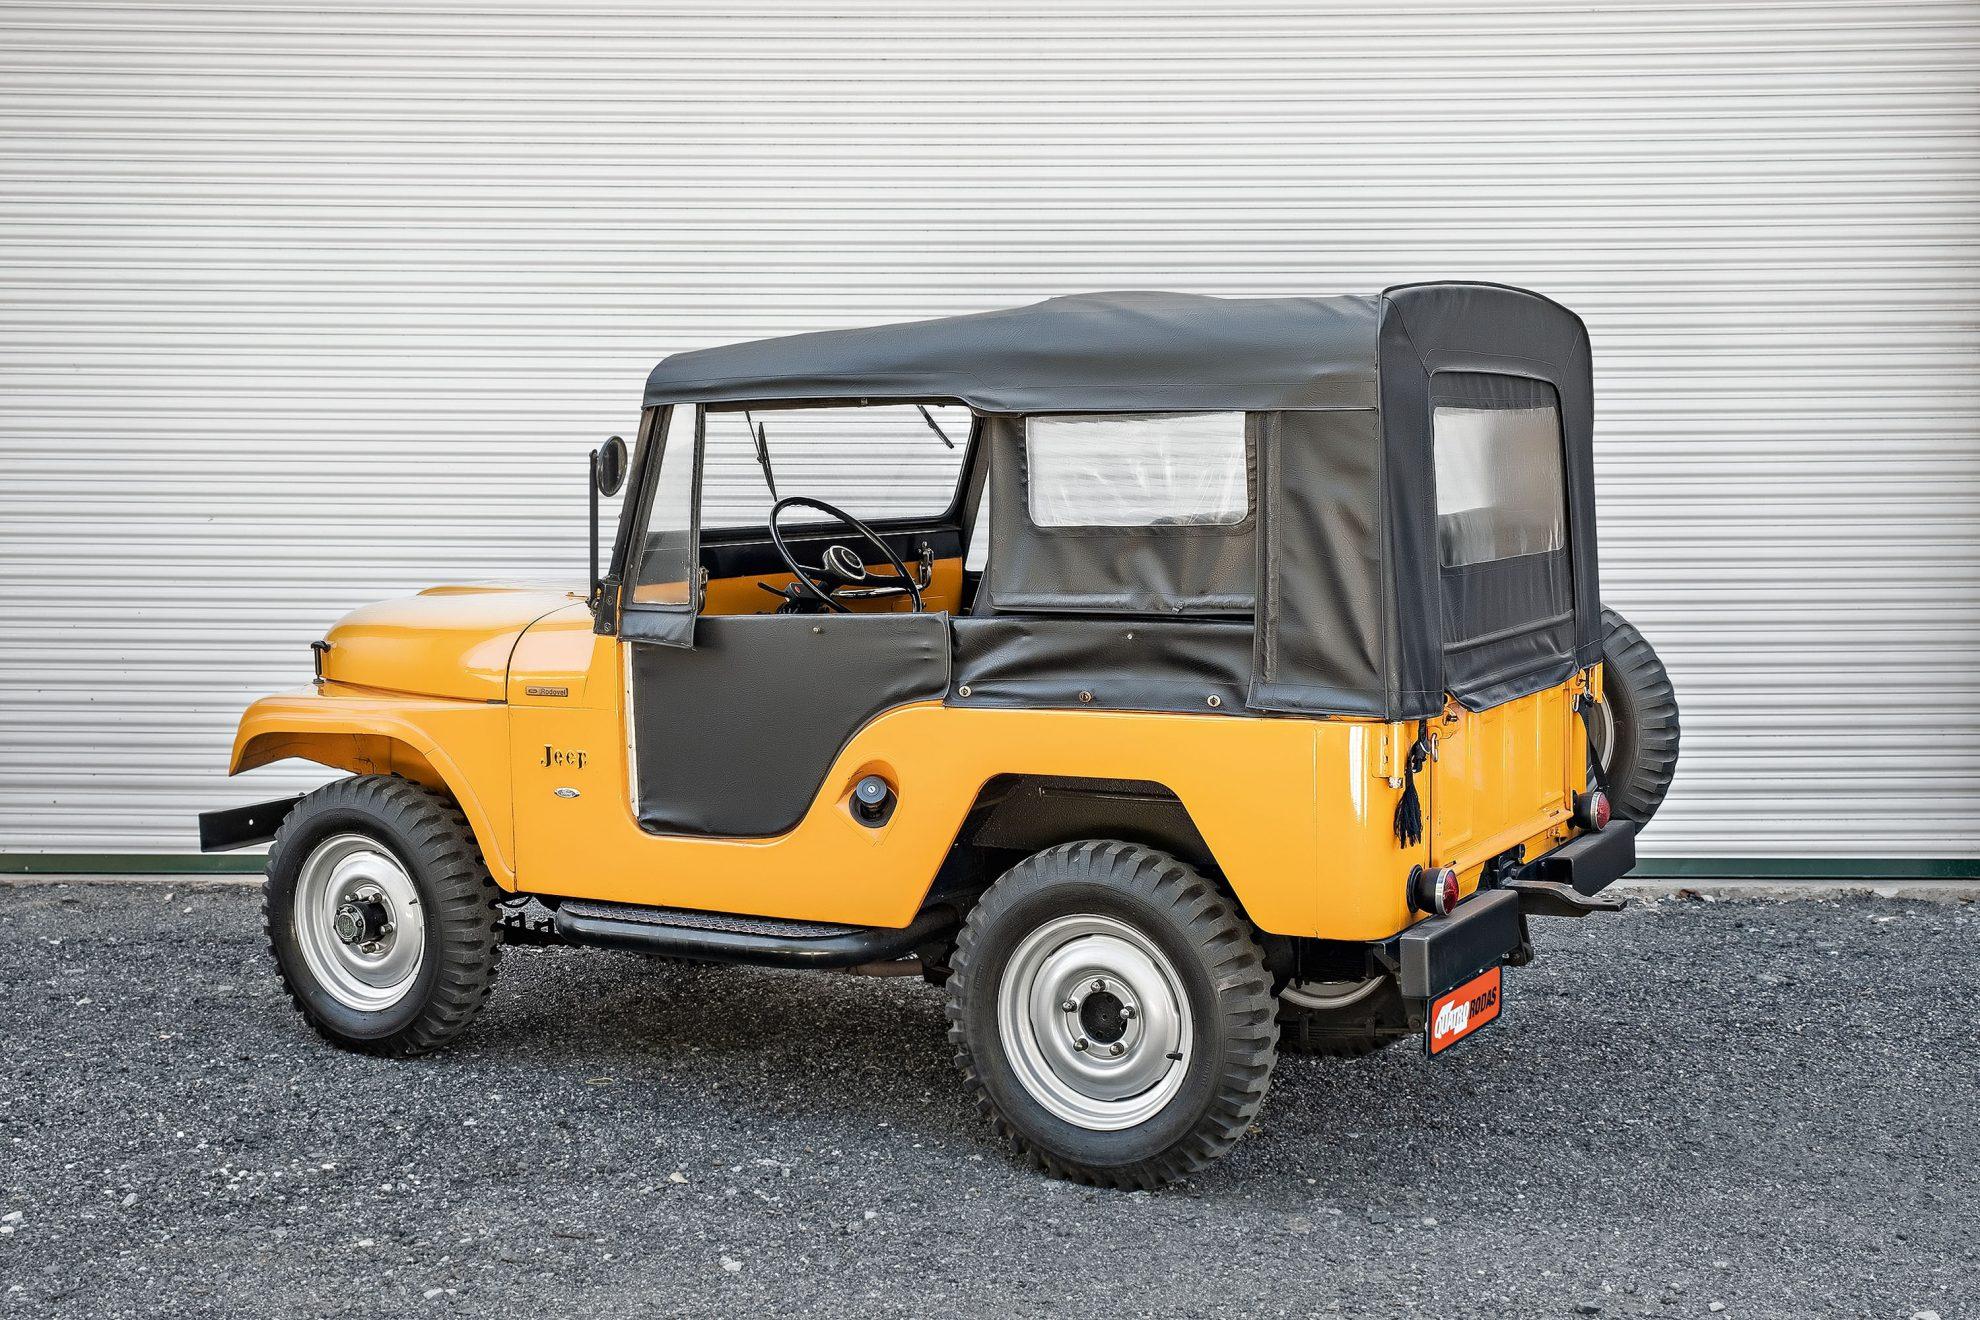 O para-lama traseiro trapezoidal era típico do Jeep nacional.